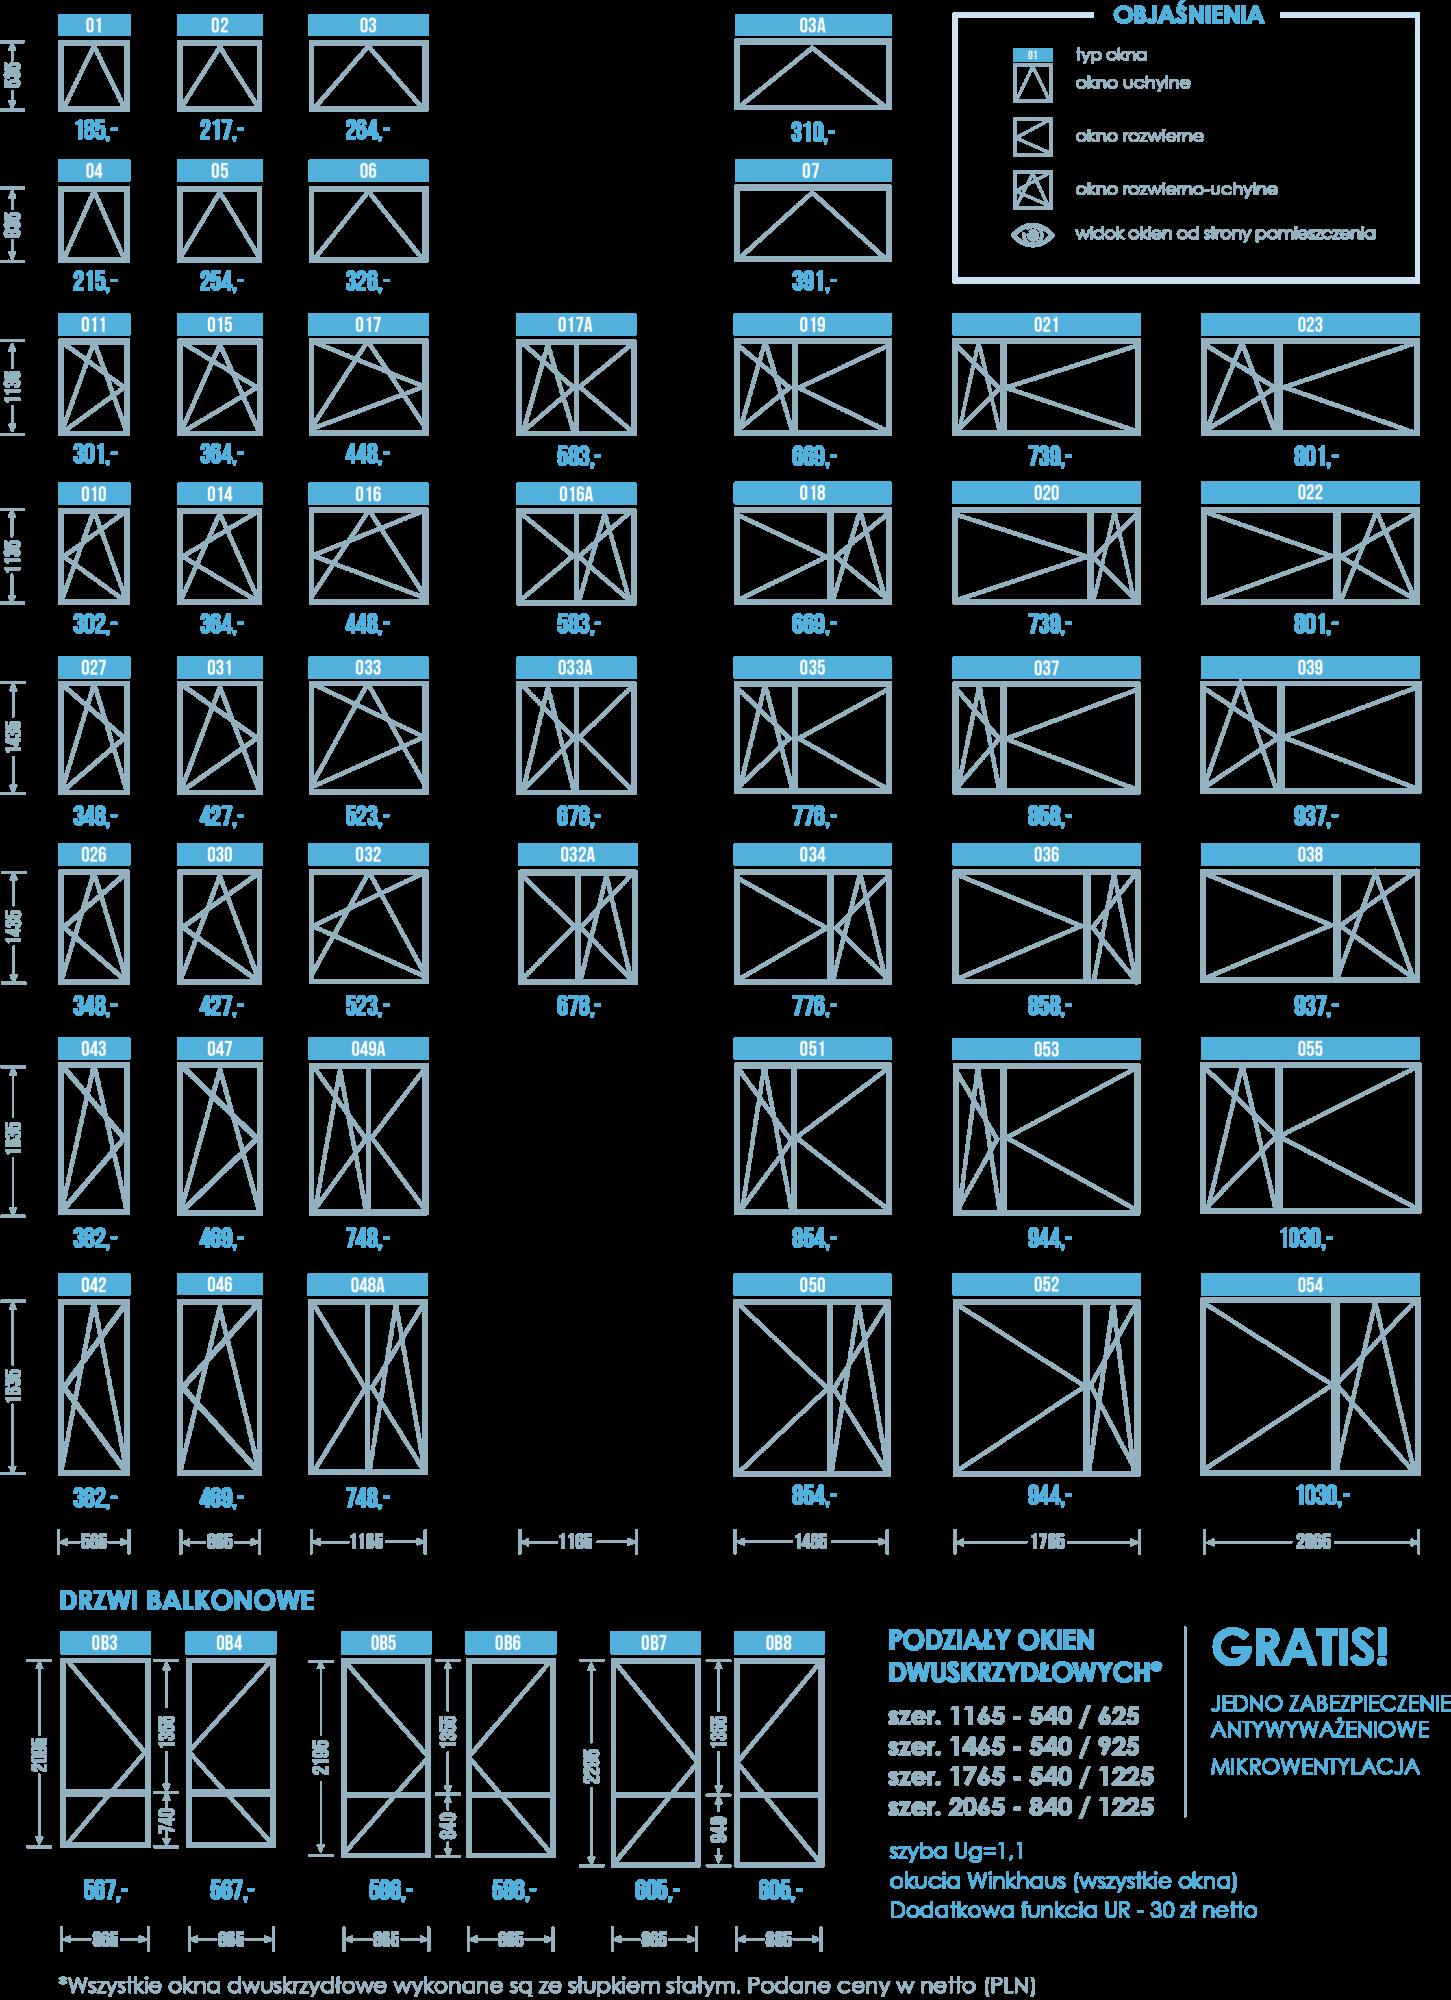 Cennik Okien Typowych Framex